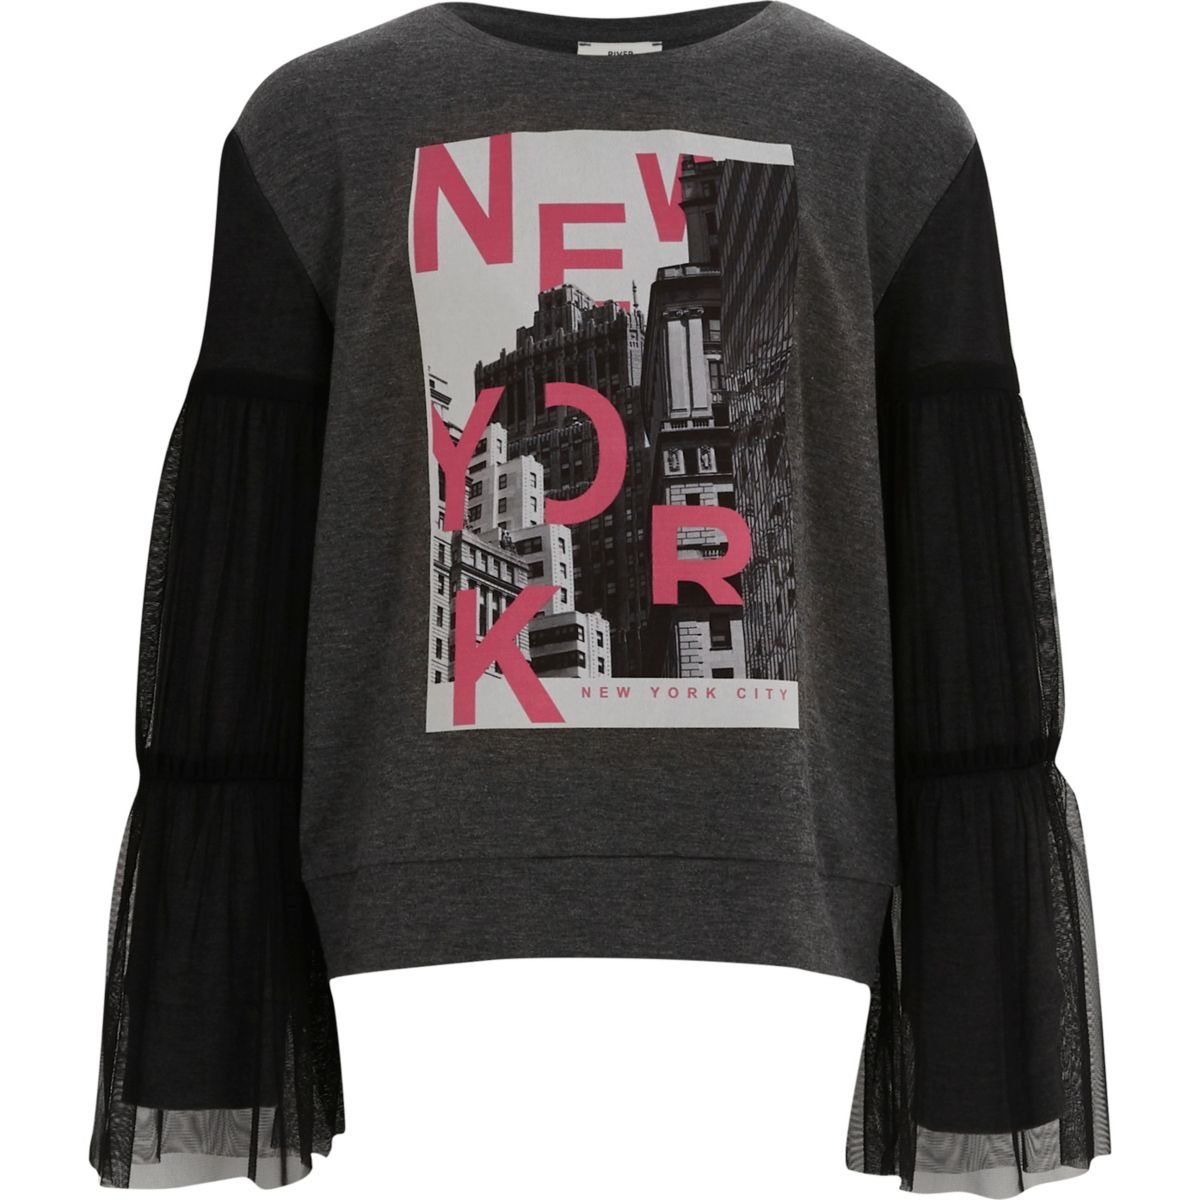 c2c84b50f6654 Sweat à imprimé « New York » gris et manches avec tulle pour fille ...